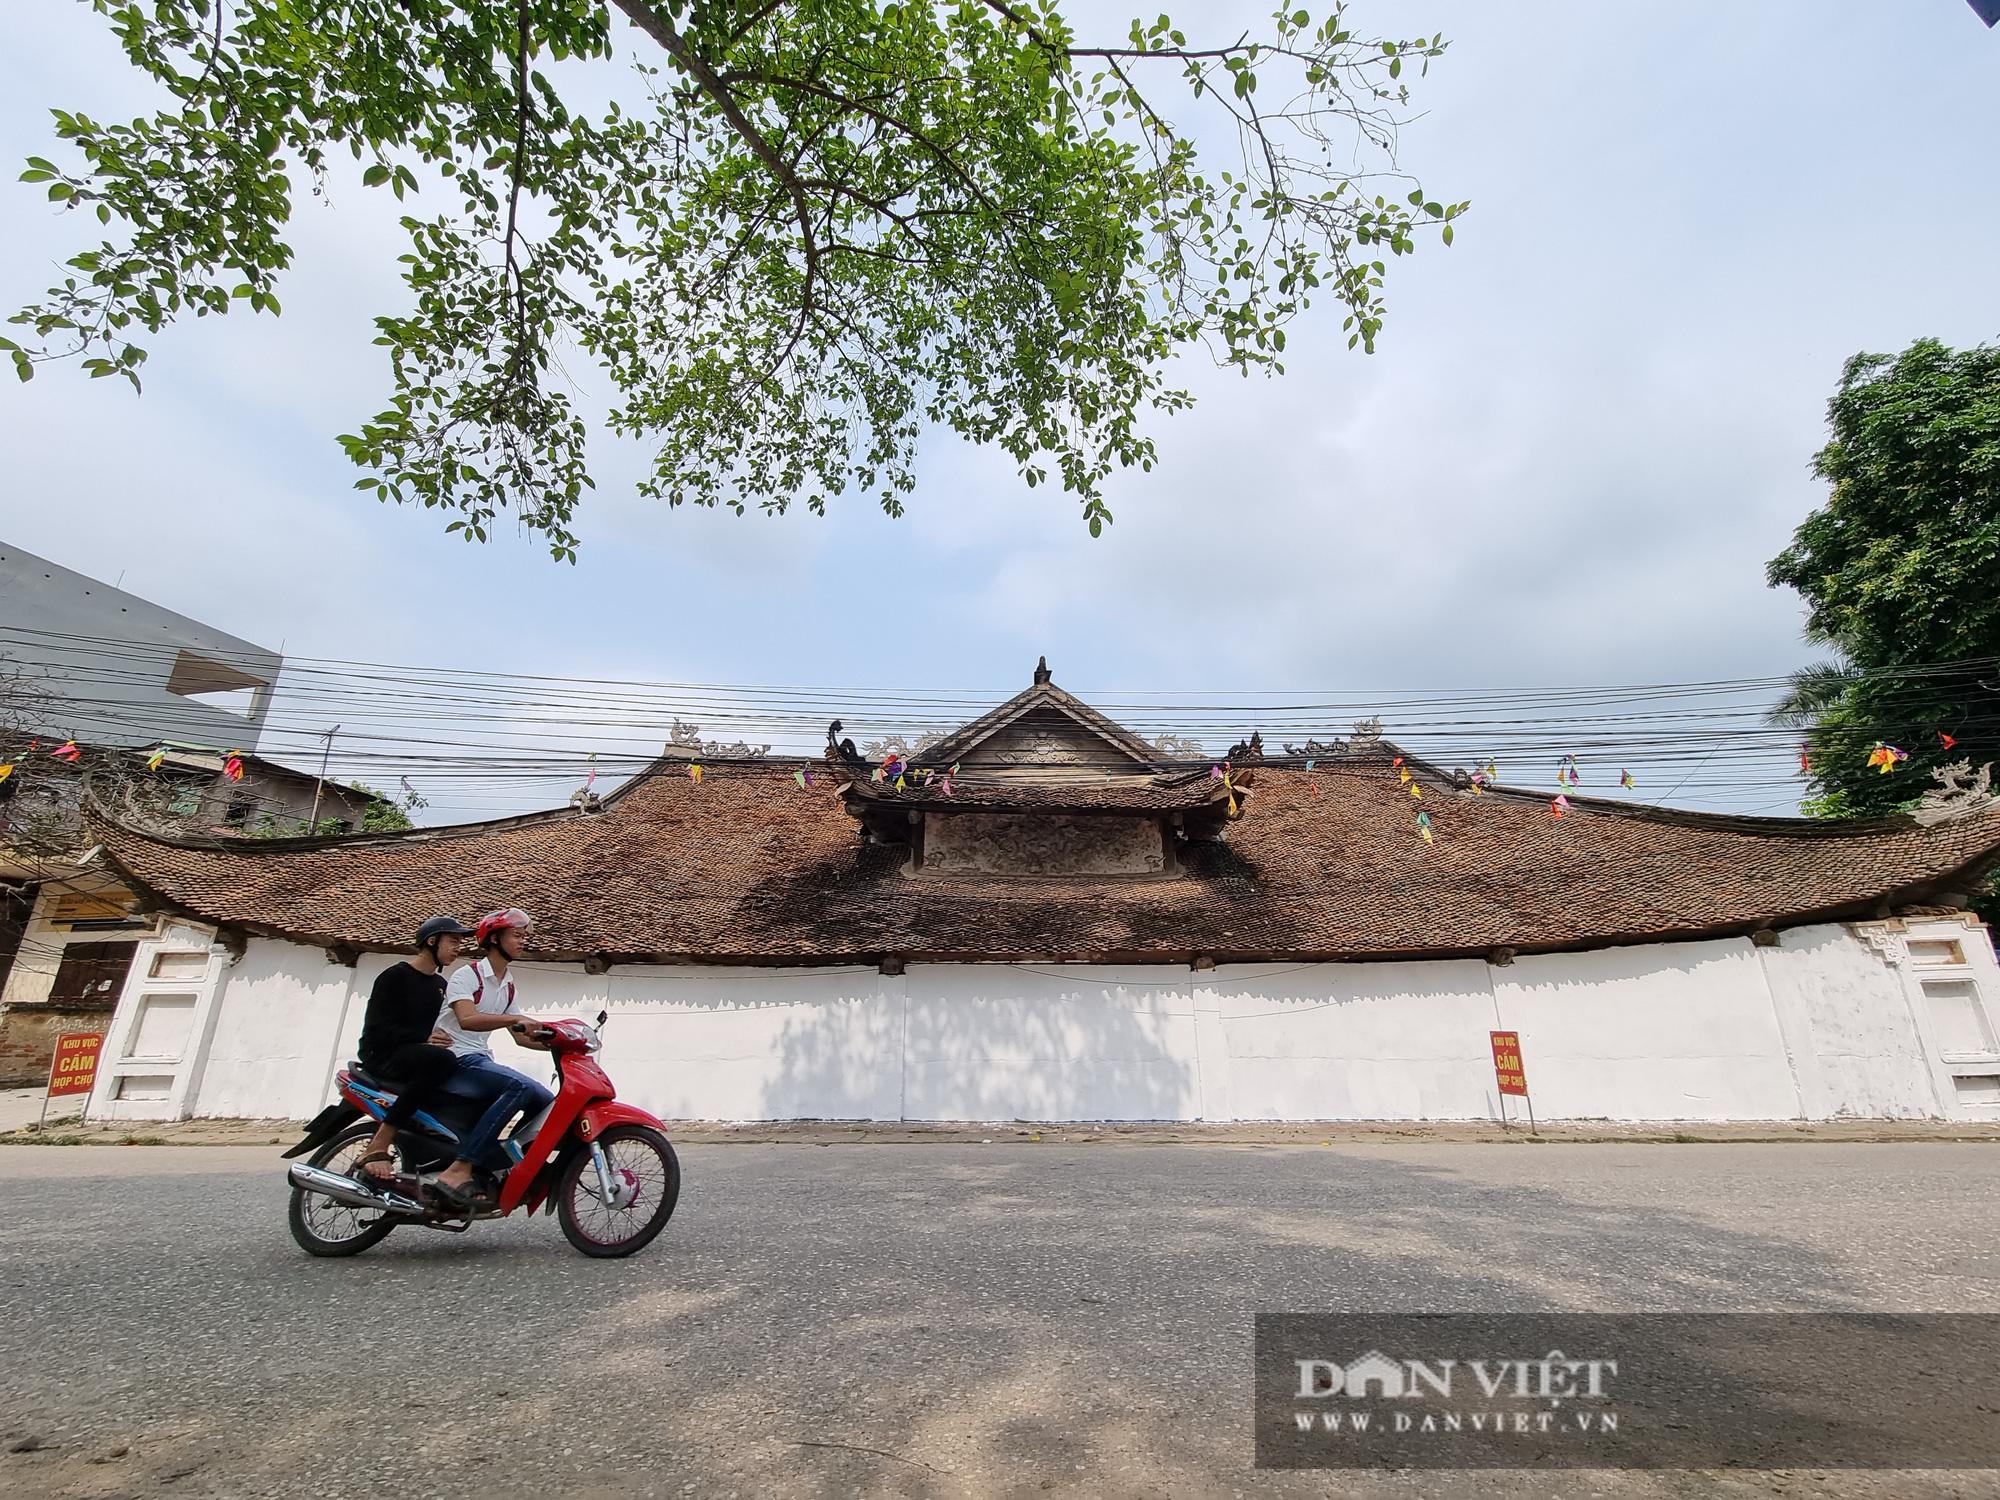 Bức tường tại đình làng cổ Tiên Lữ bất ngờ được sơn trắng - Ảnh 1.